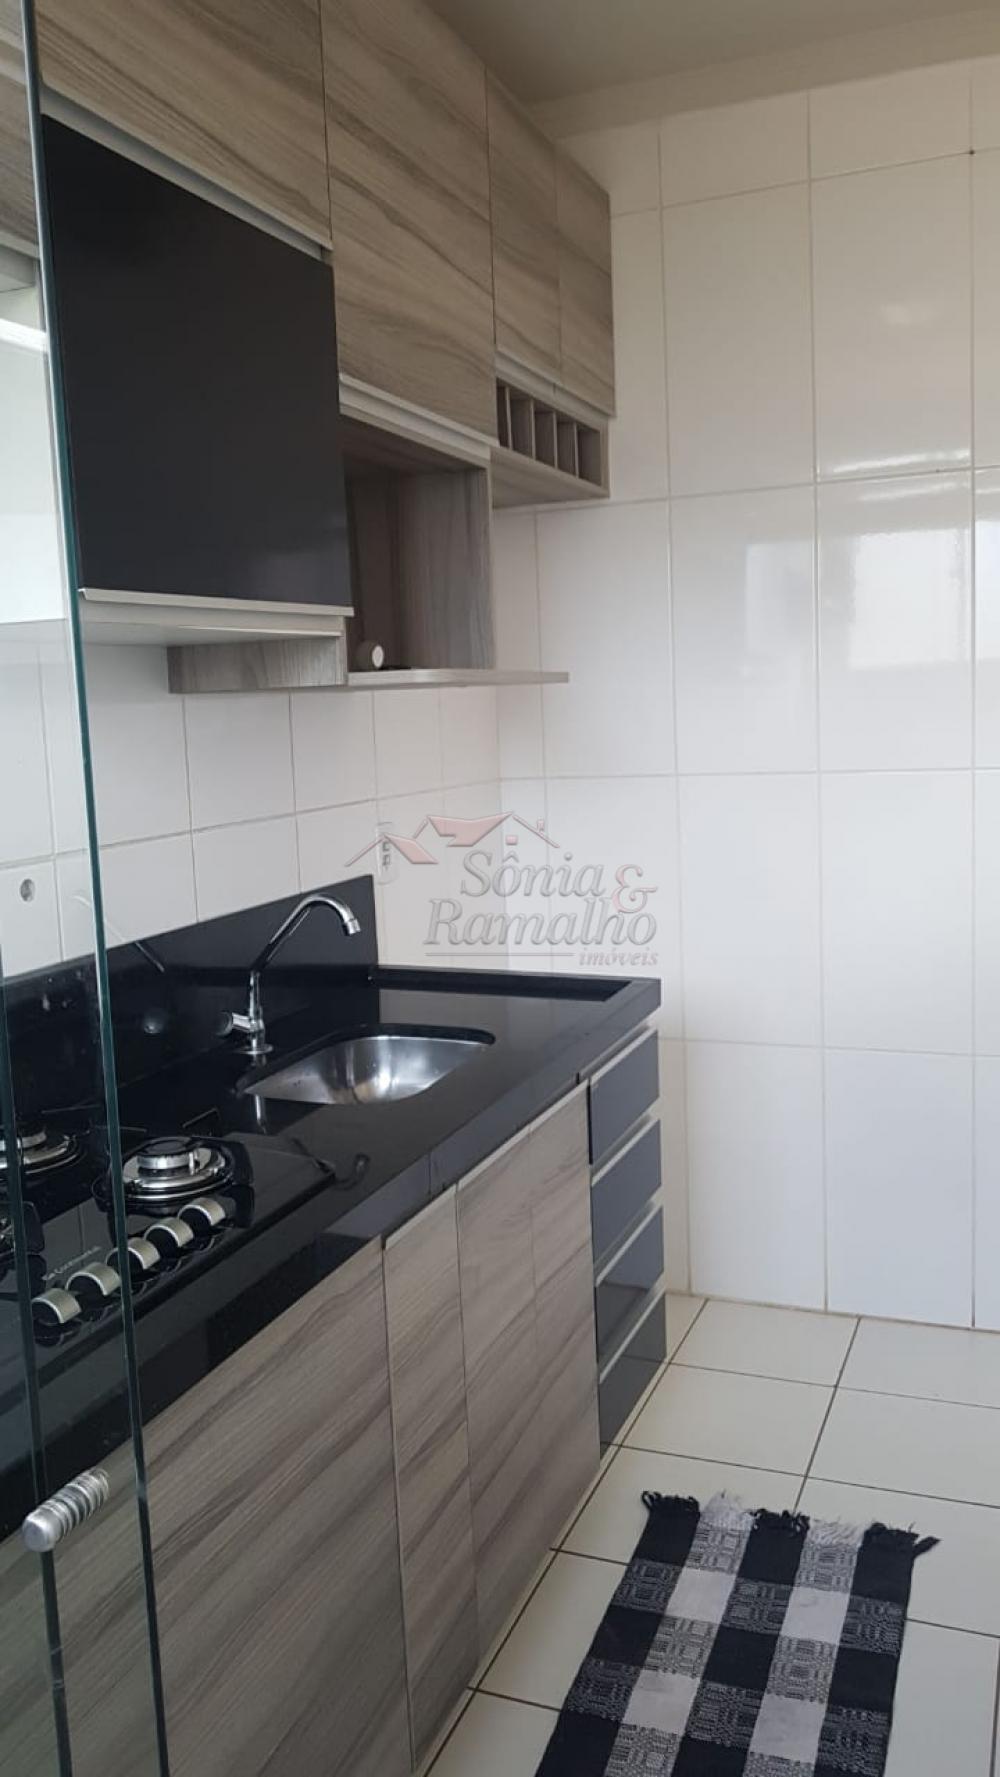 Alugar Apartamentos / Padrão em Ribeirão Preto apenas R$ 1.150,00 - Foto 5